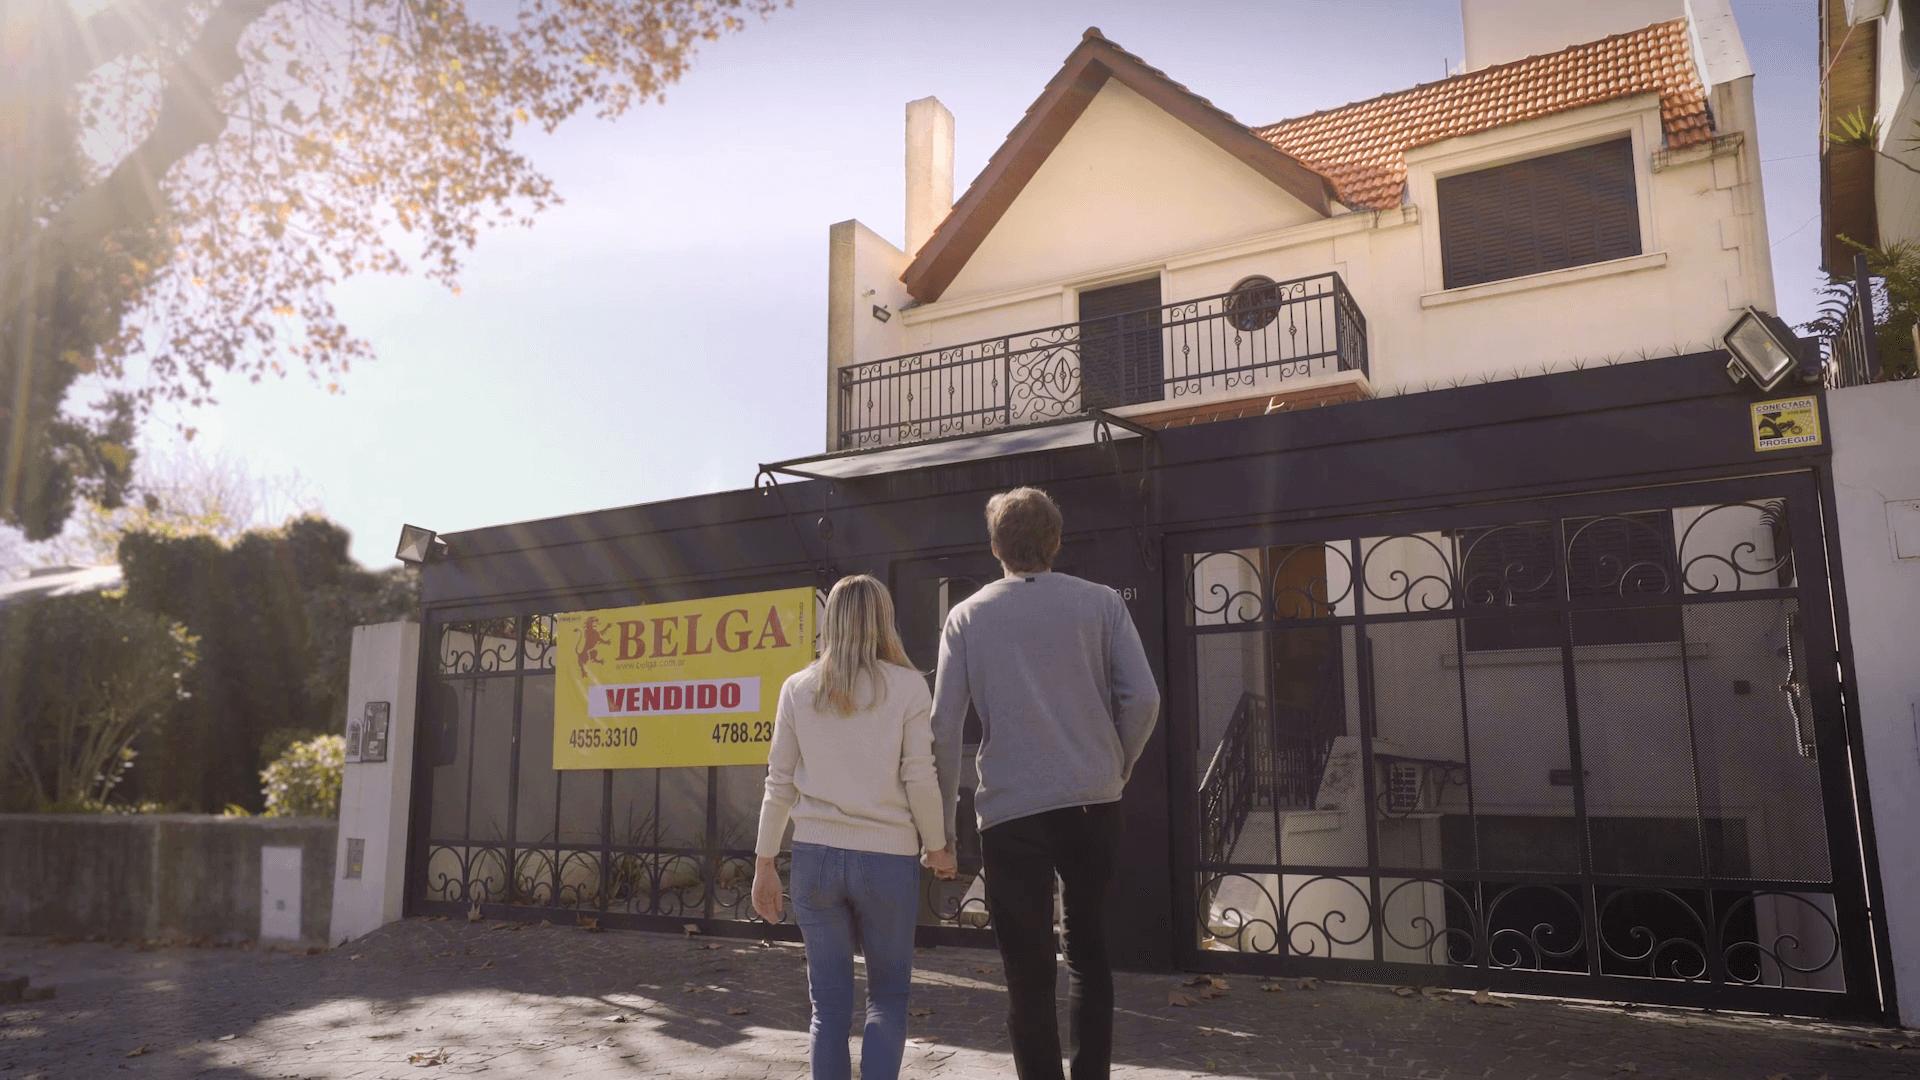 Belga Real Estate – Houses